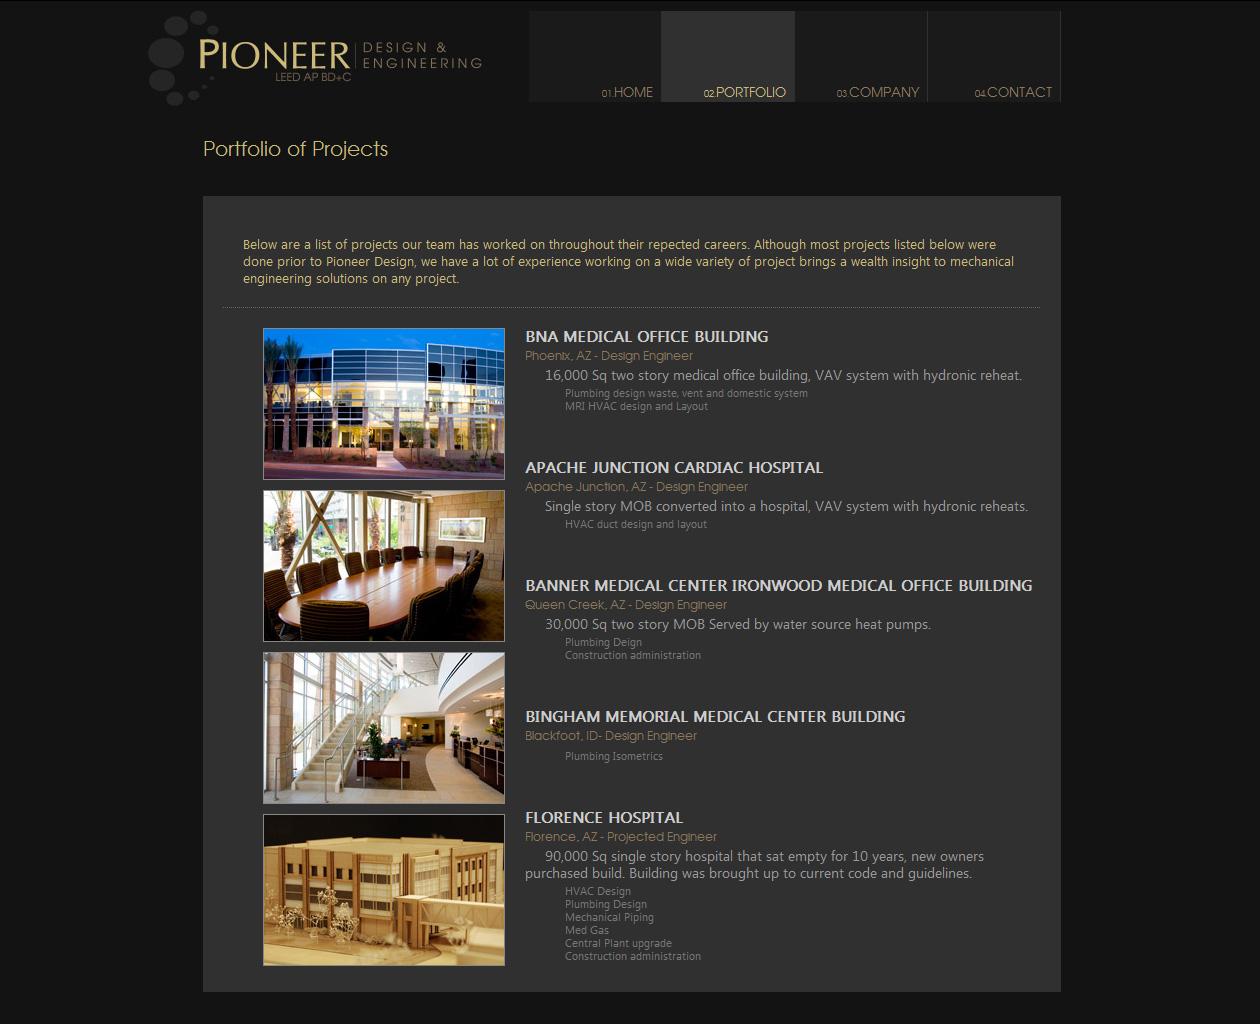 PioneerDE_2